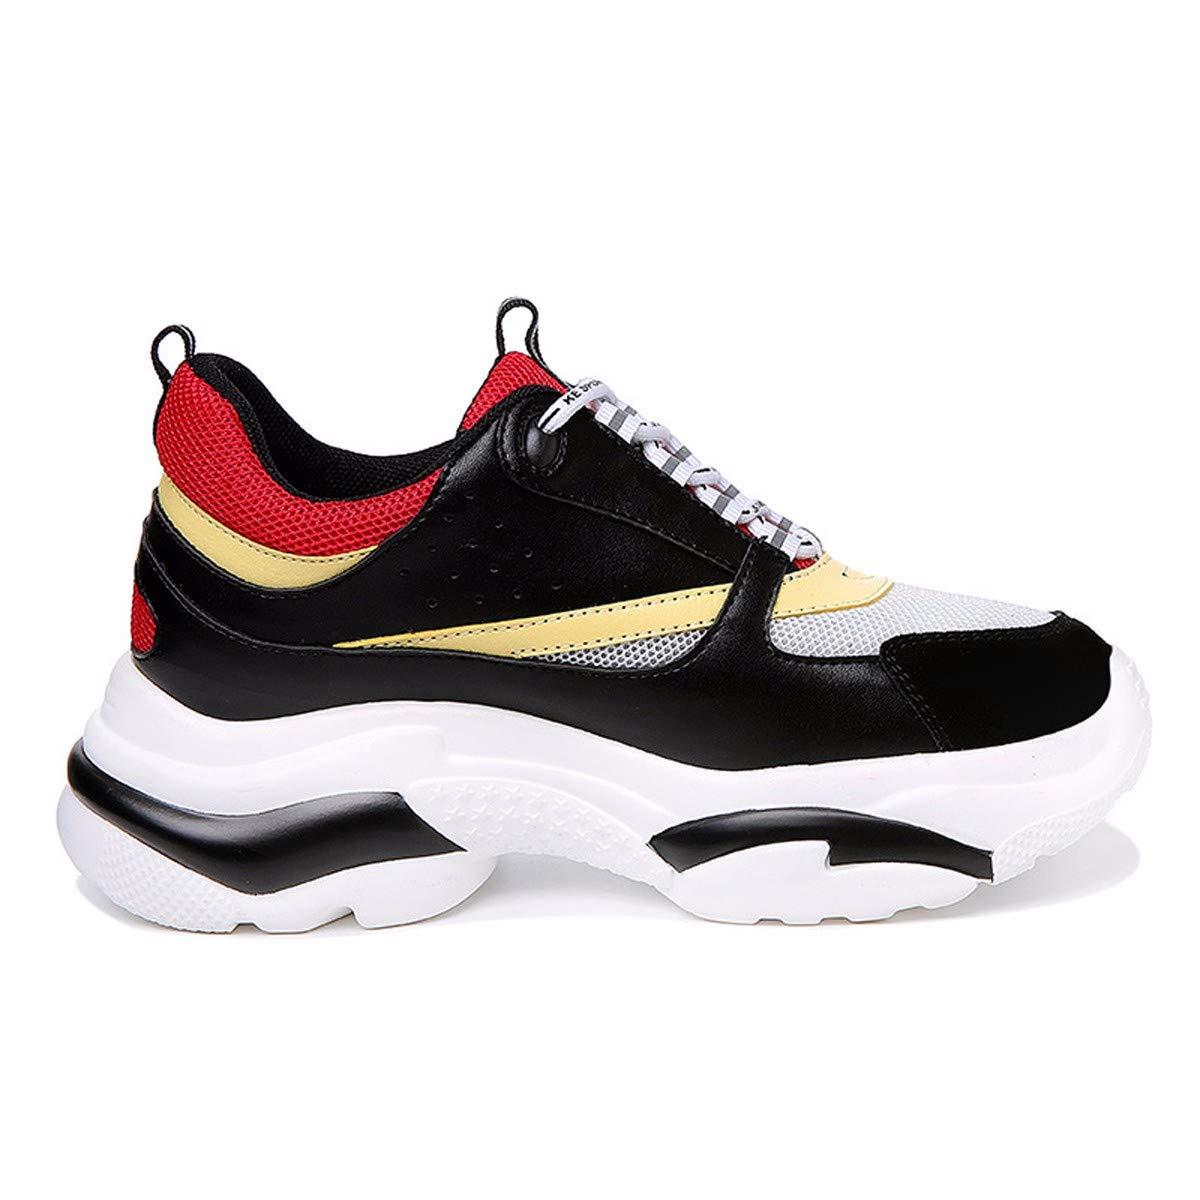 35 noir SFSYDDY-Les Chaussures De Sport Loisirs Supérieurs des étudiants des Chaussures De Course